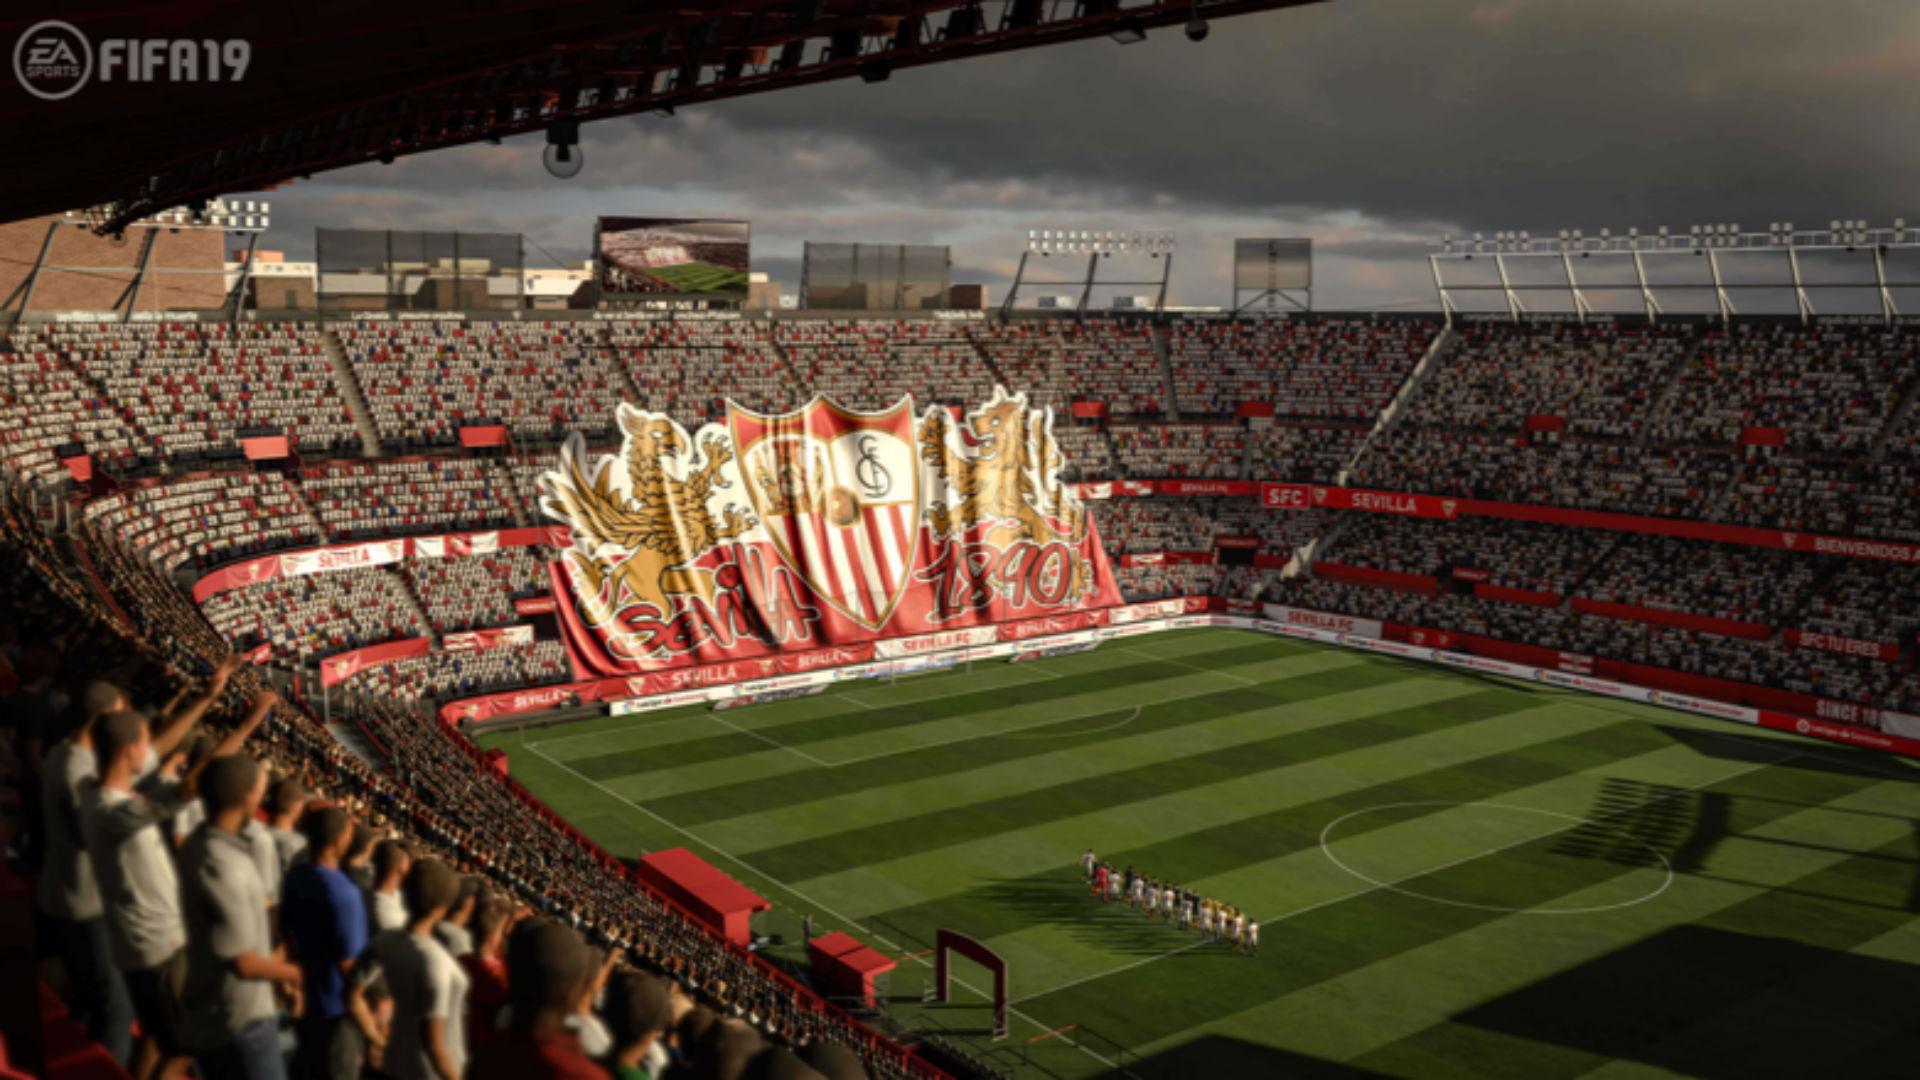 Ramon Sanchez Pizjuan FIFA 19